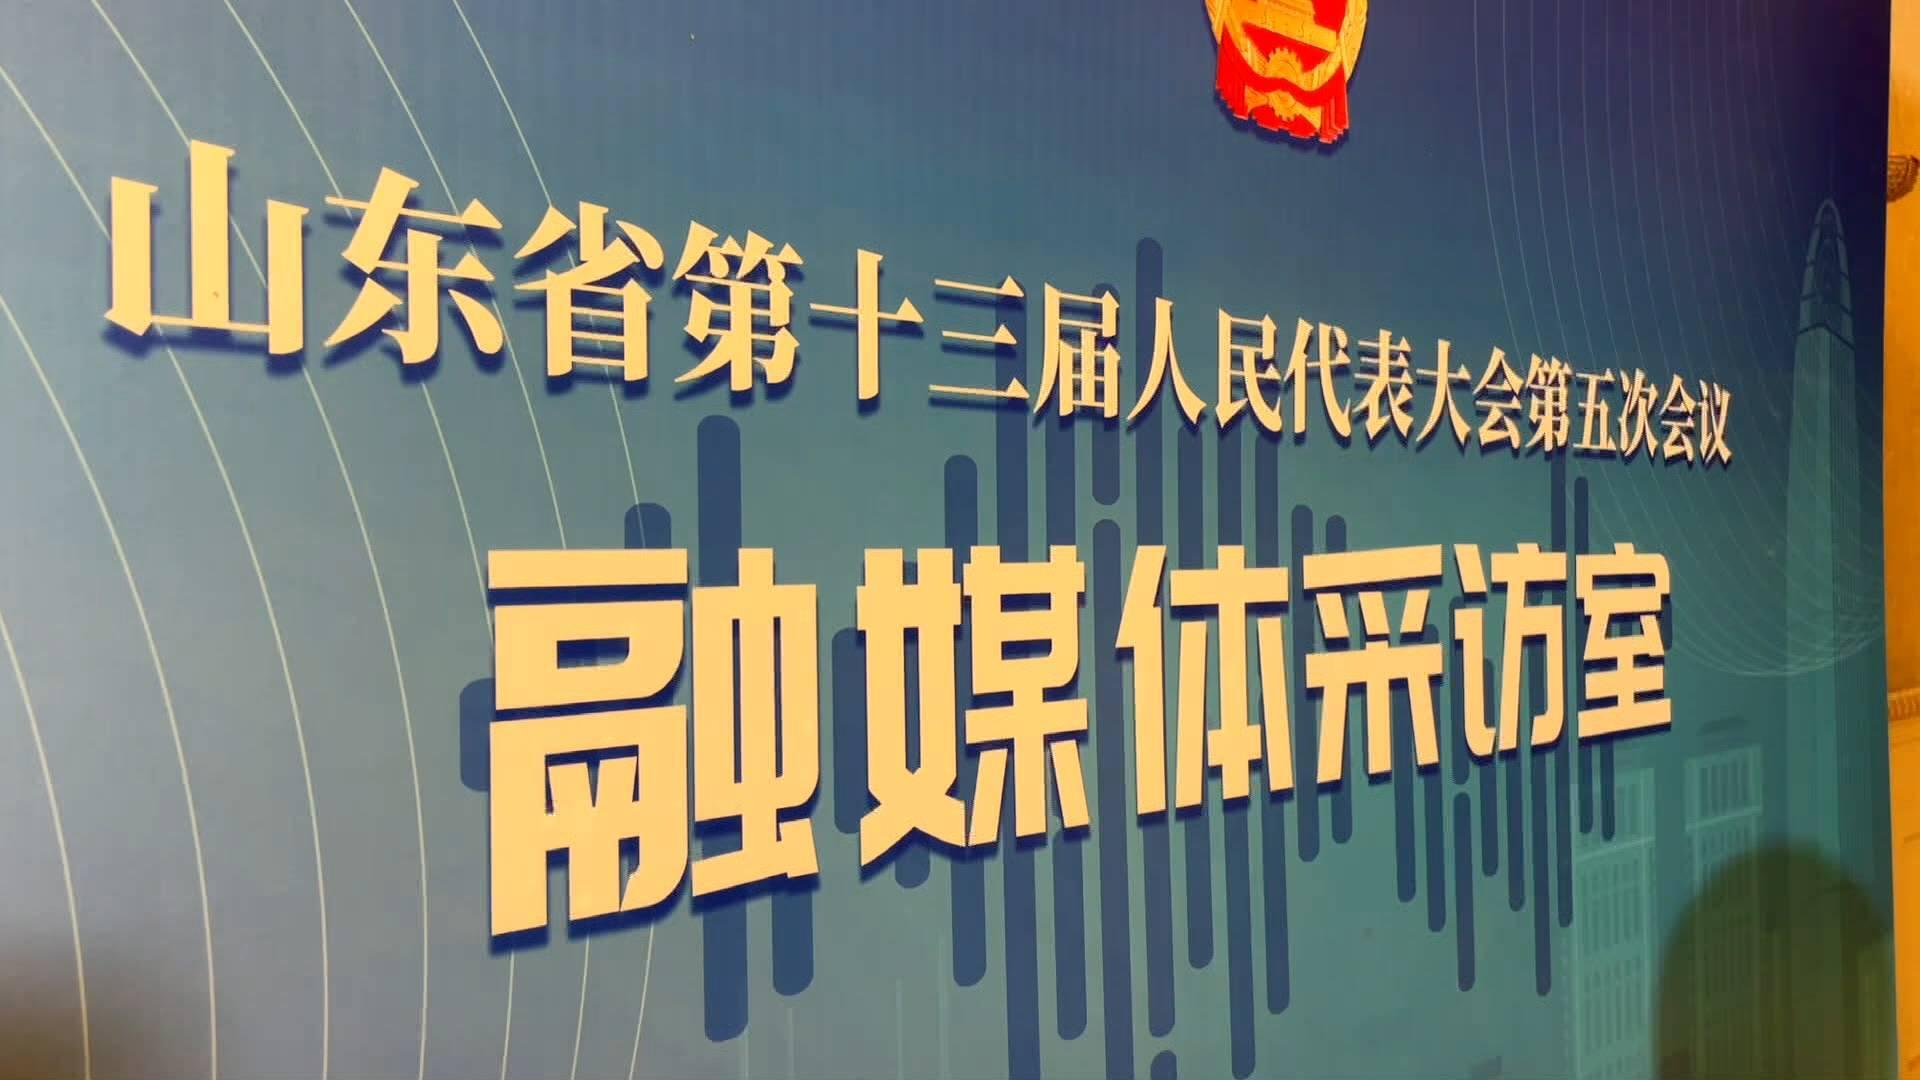 山东省两会代表住地融媒体采访室来啦!省人大代表:便捷、参与度高,还能启发思路